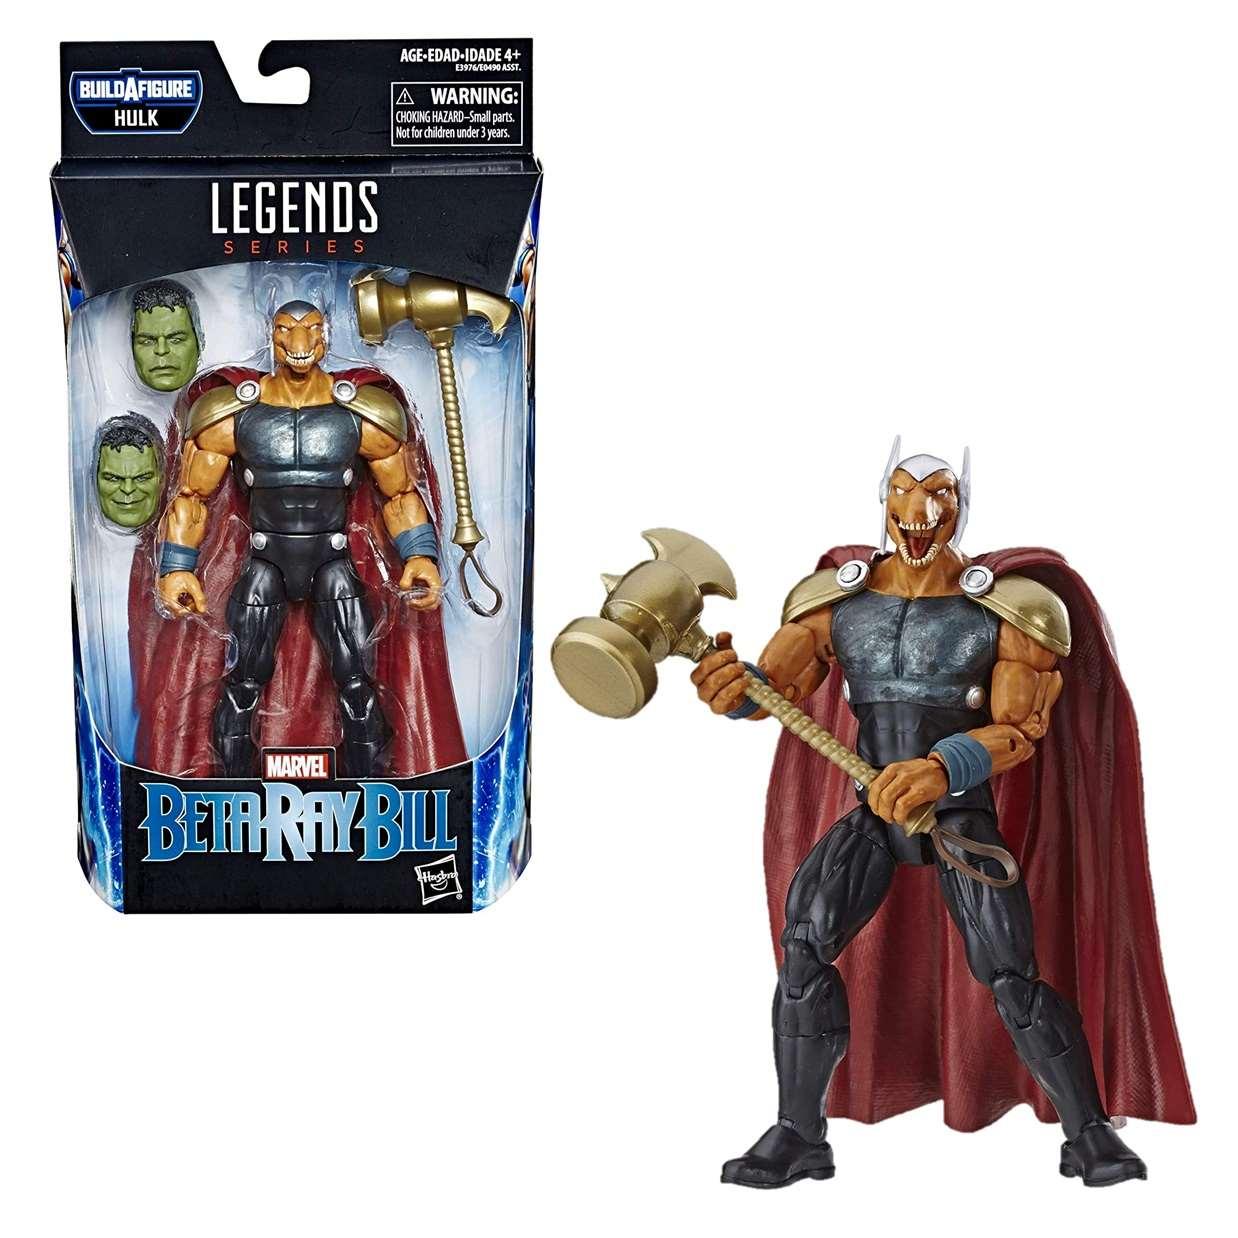 Beta Ray Bill Figura Marvel B A F Hulk Legends 6 Pulg